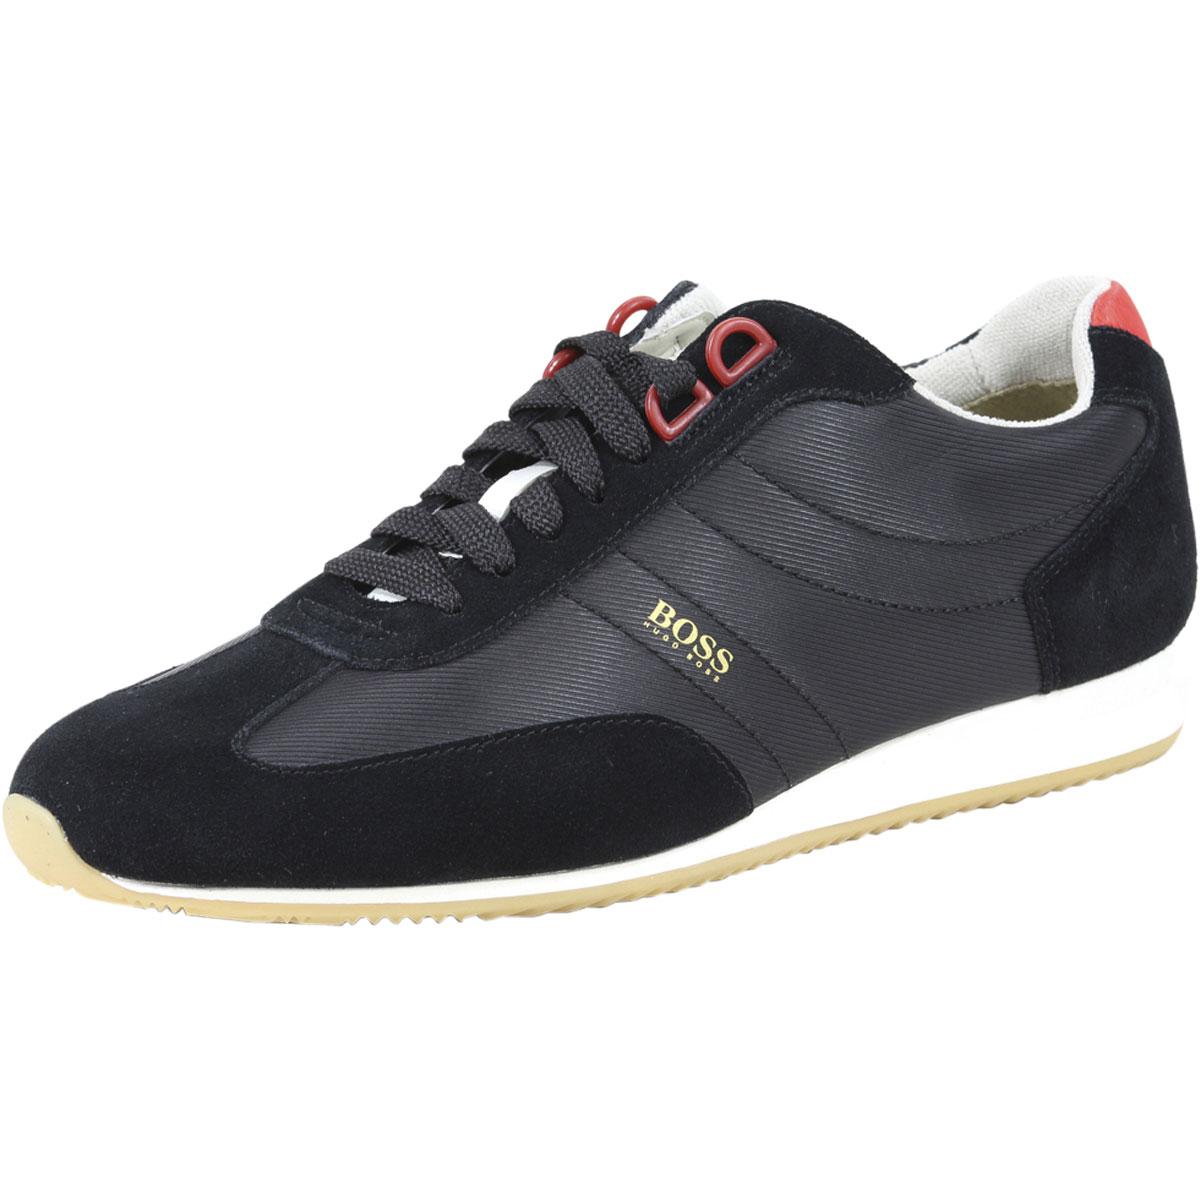 HUGO BOSS Orland Mesh Sneaker in DtUely